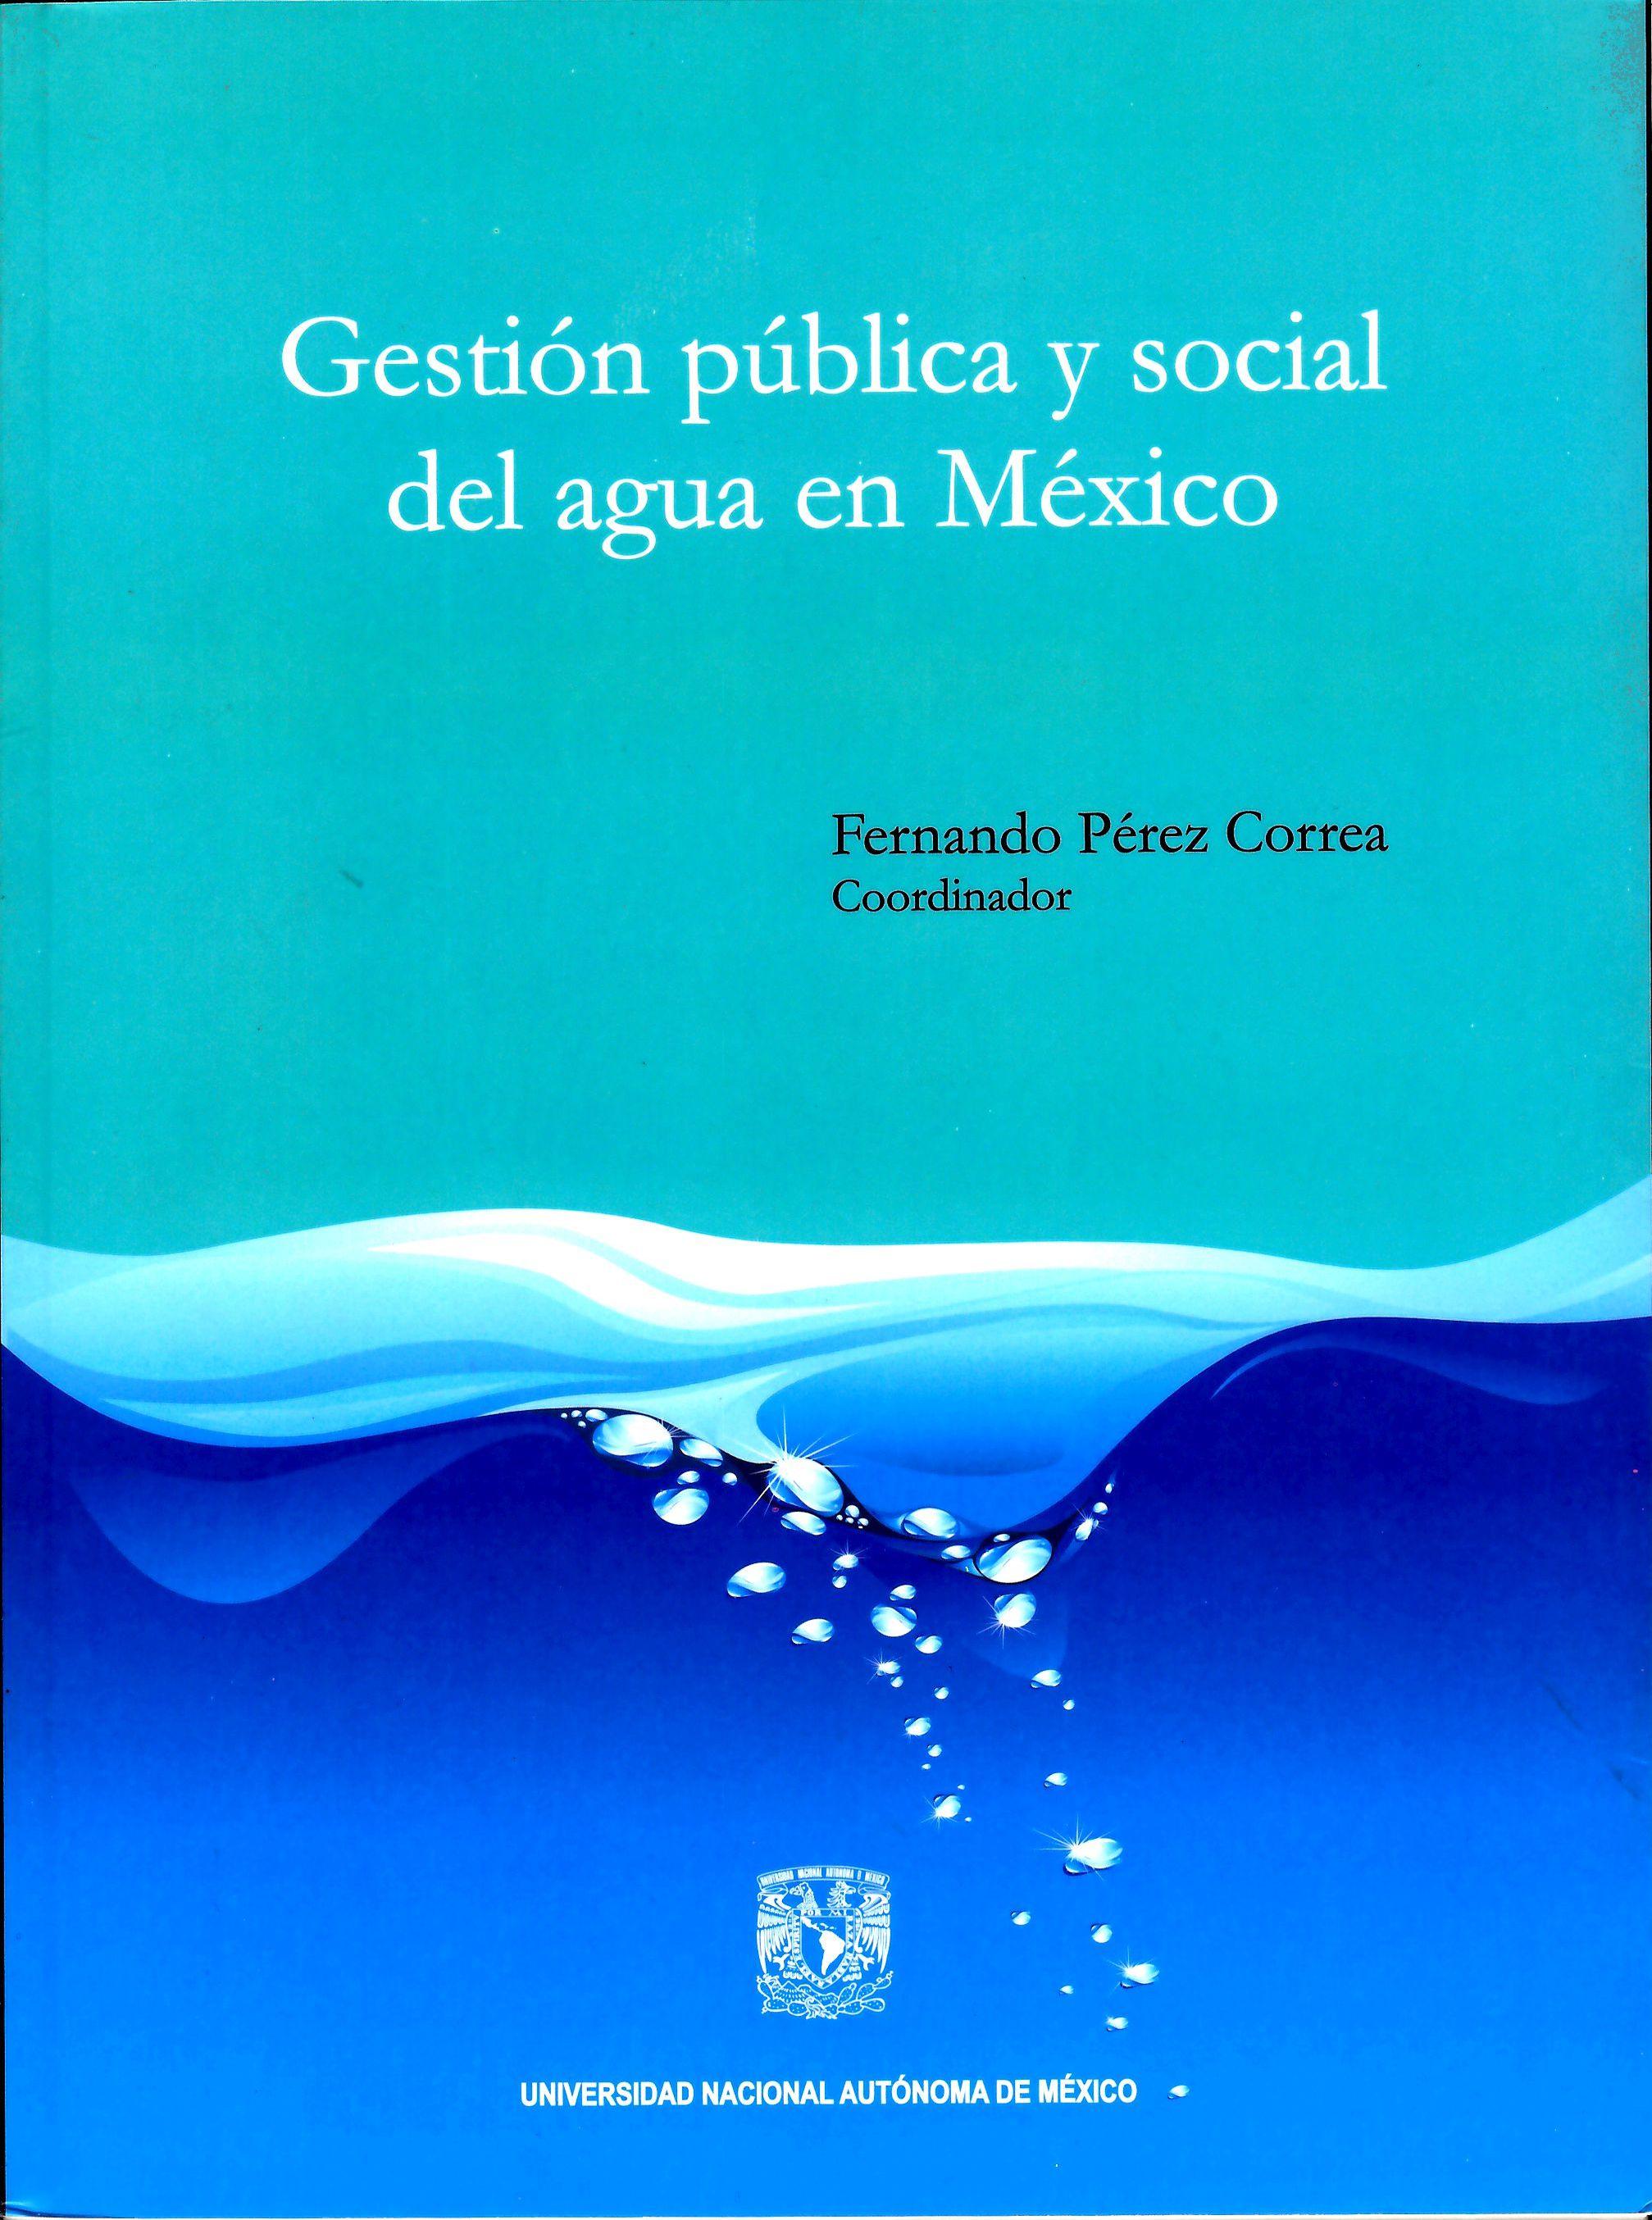 Gestión pública y social del agua en México